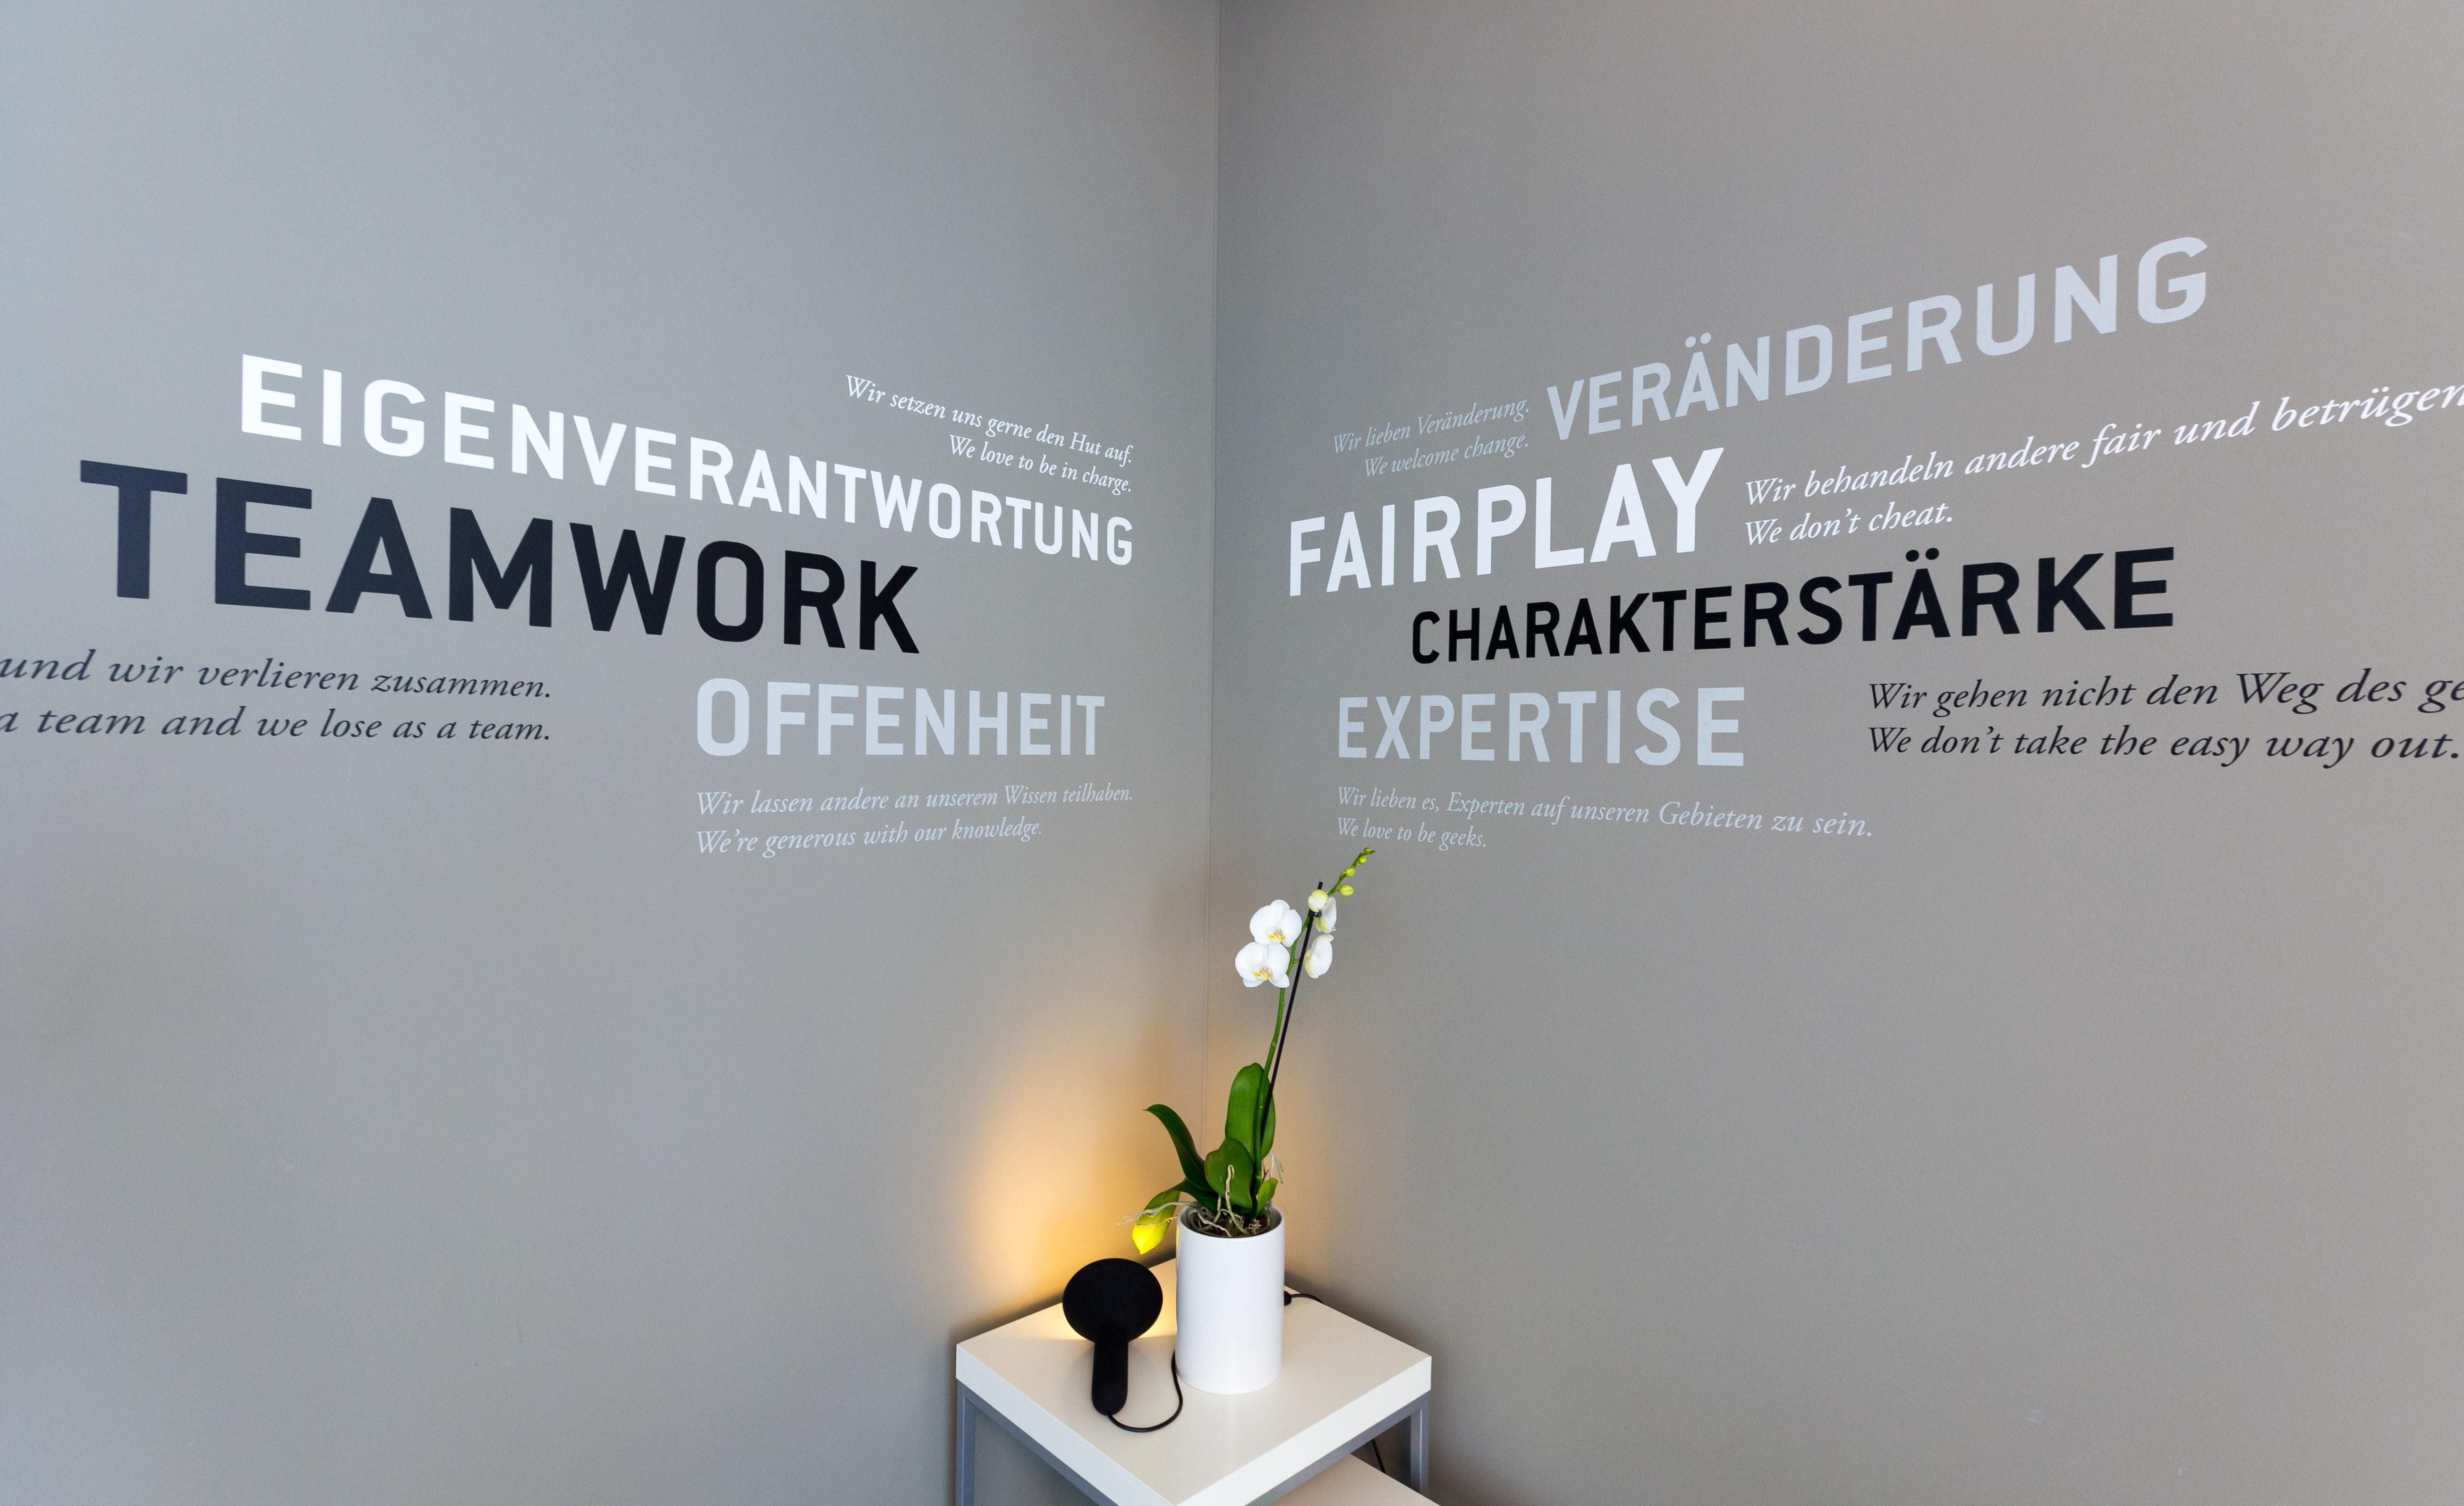 Wiesbaden, Seibert Media GmbH, 19.07.2014, Google Business View - Seibert Media GmbH,